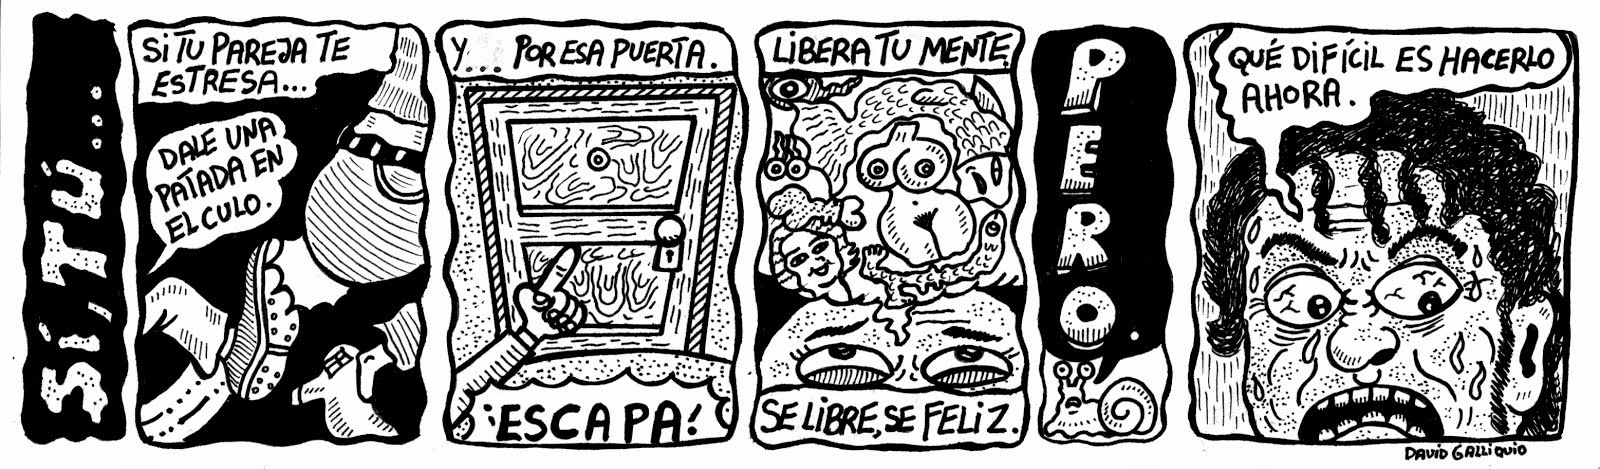 ENTREVISTA POR LOS AMIGOS DE LAMULA.PE